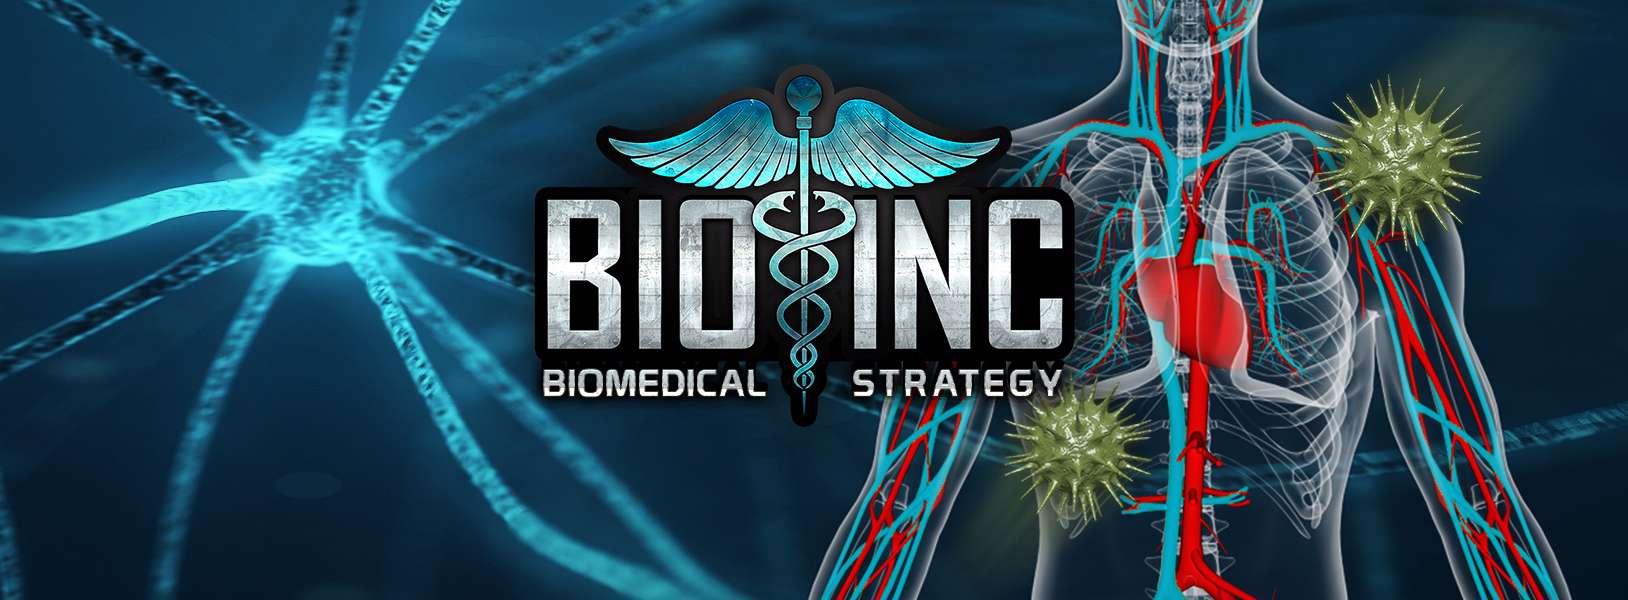 دانلود معتاد کننده ترین بازی اندروید و بسیار هیجان انگیز BioInc Biomedical Plague 2.610